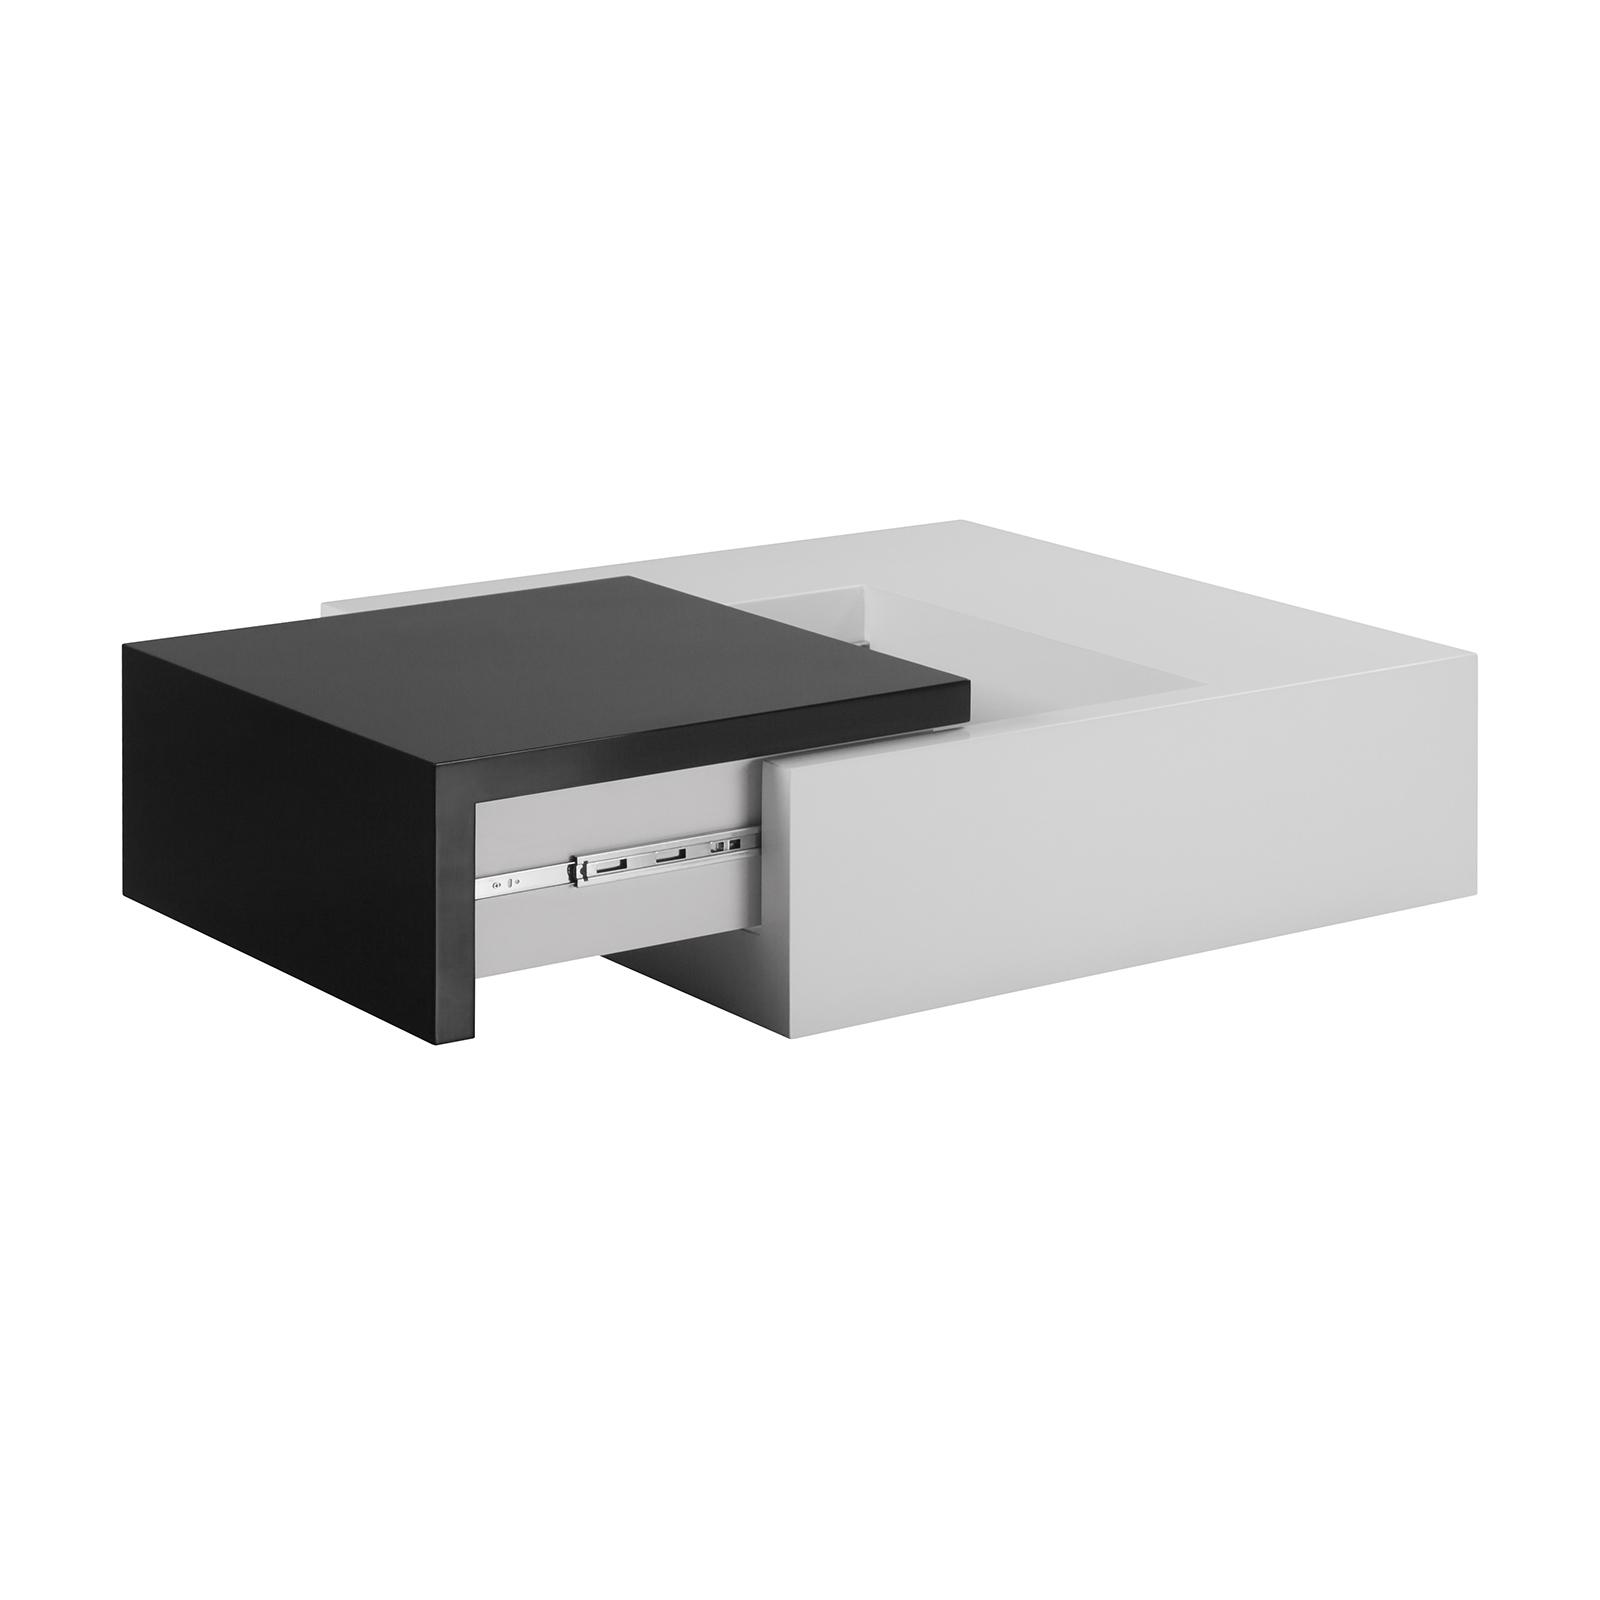 Couchtisch Ausziehbar MDF 100x100x30cm Weiß Schwarz Wohnzimmertisch  Wohnzimmer